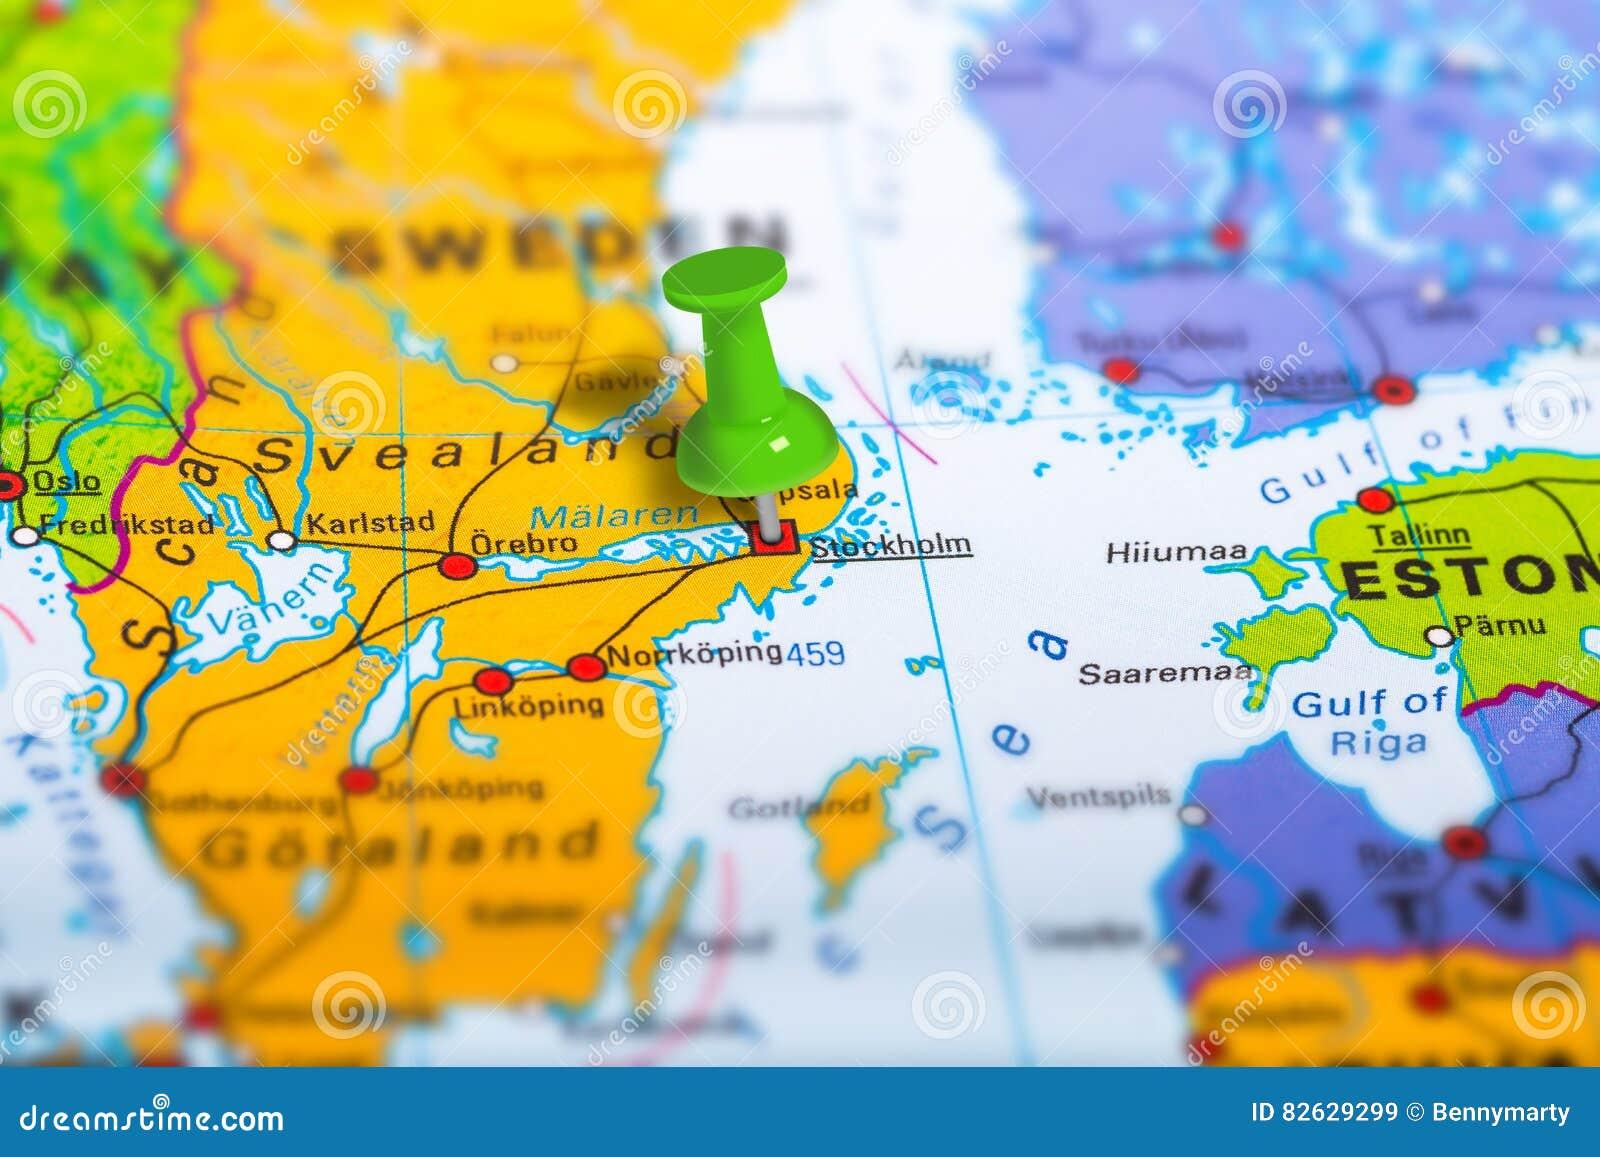 Mapa De Estocolmo Suecia Imagen De Archivo Imagen De Senal 82629299